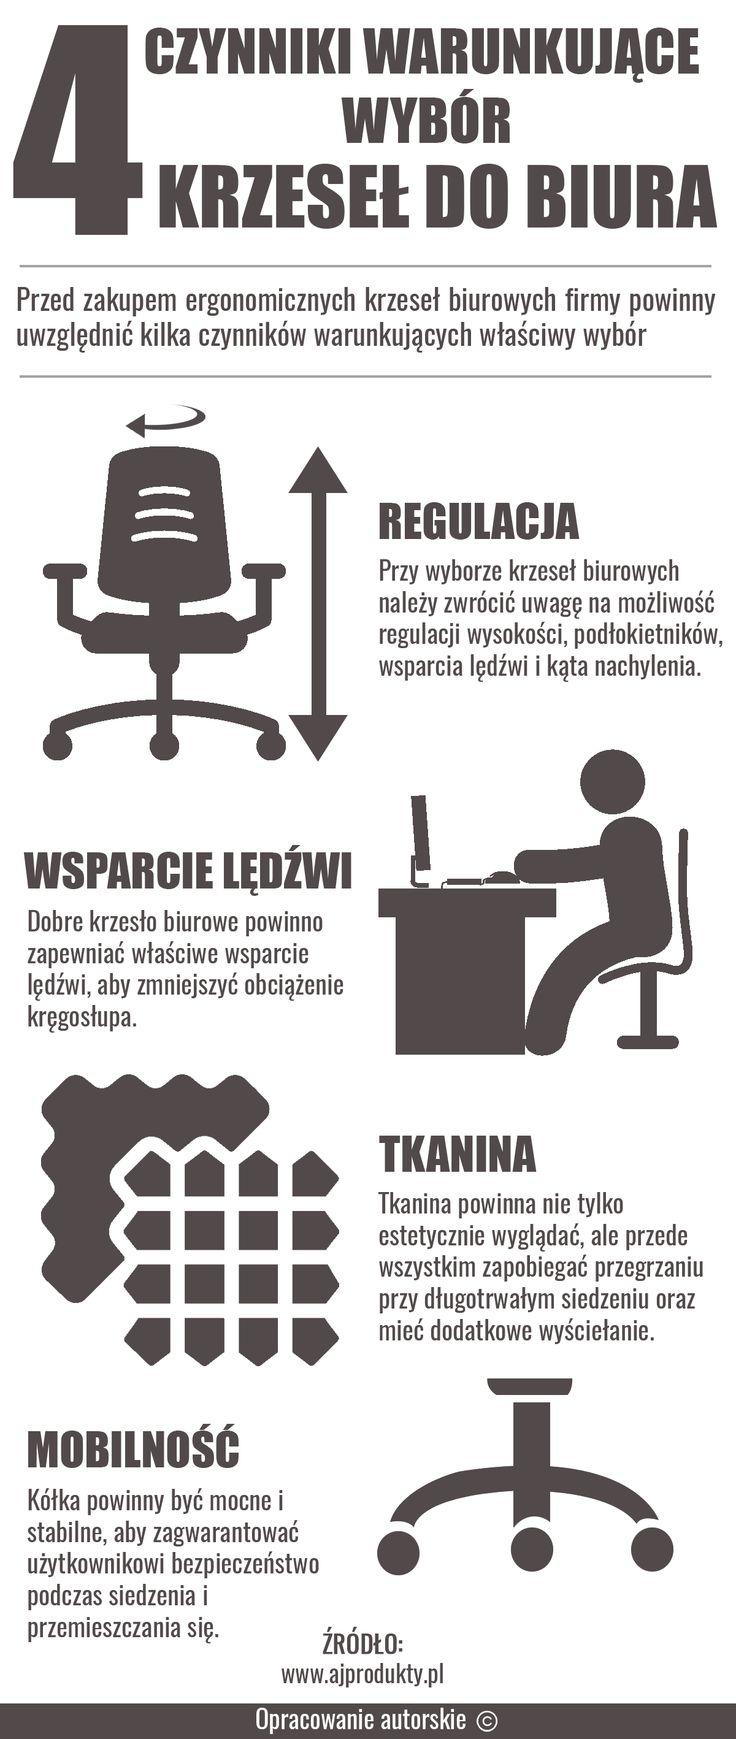 Biura mogą stosować krzesła składane drewniane, aby ułatwić przenoszenie mebli. Biura mogą także zainwestować w stoły rozkładane, które dodatkowo ułatwiają zmianę aranżacji wnętrz.